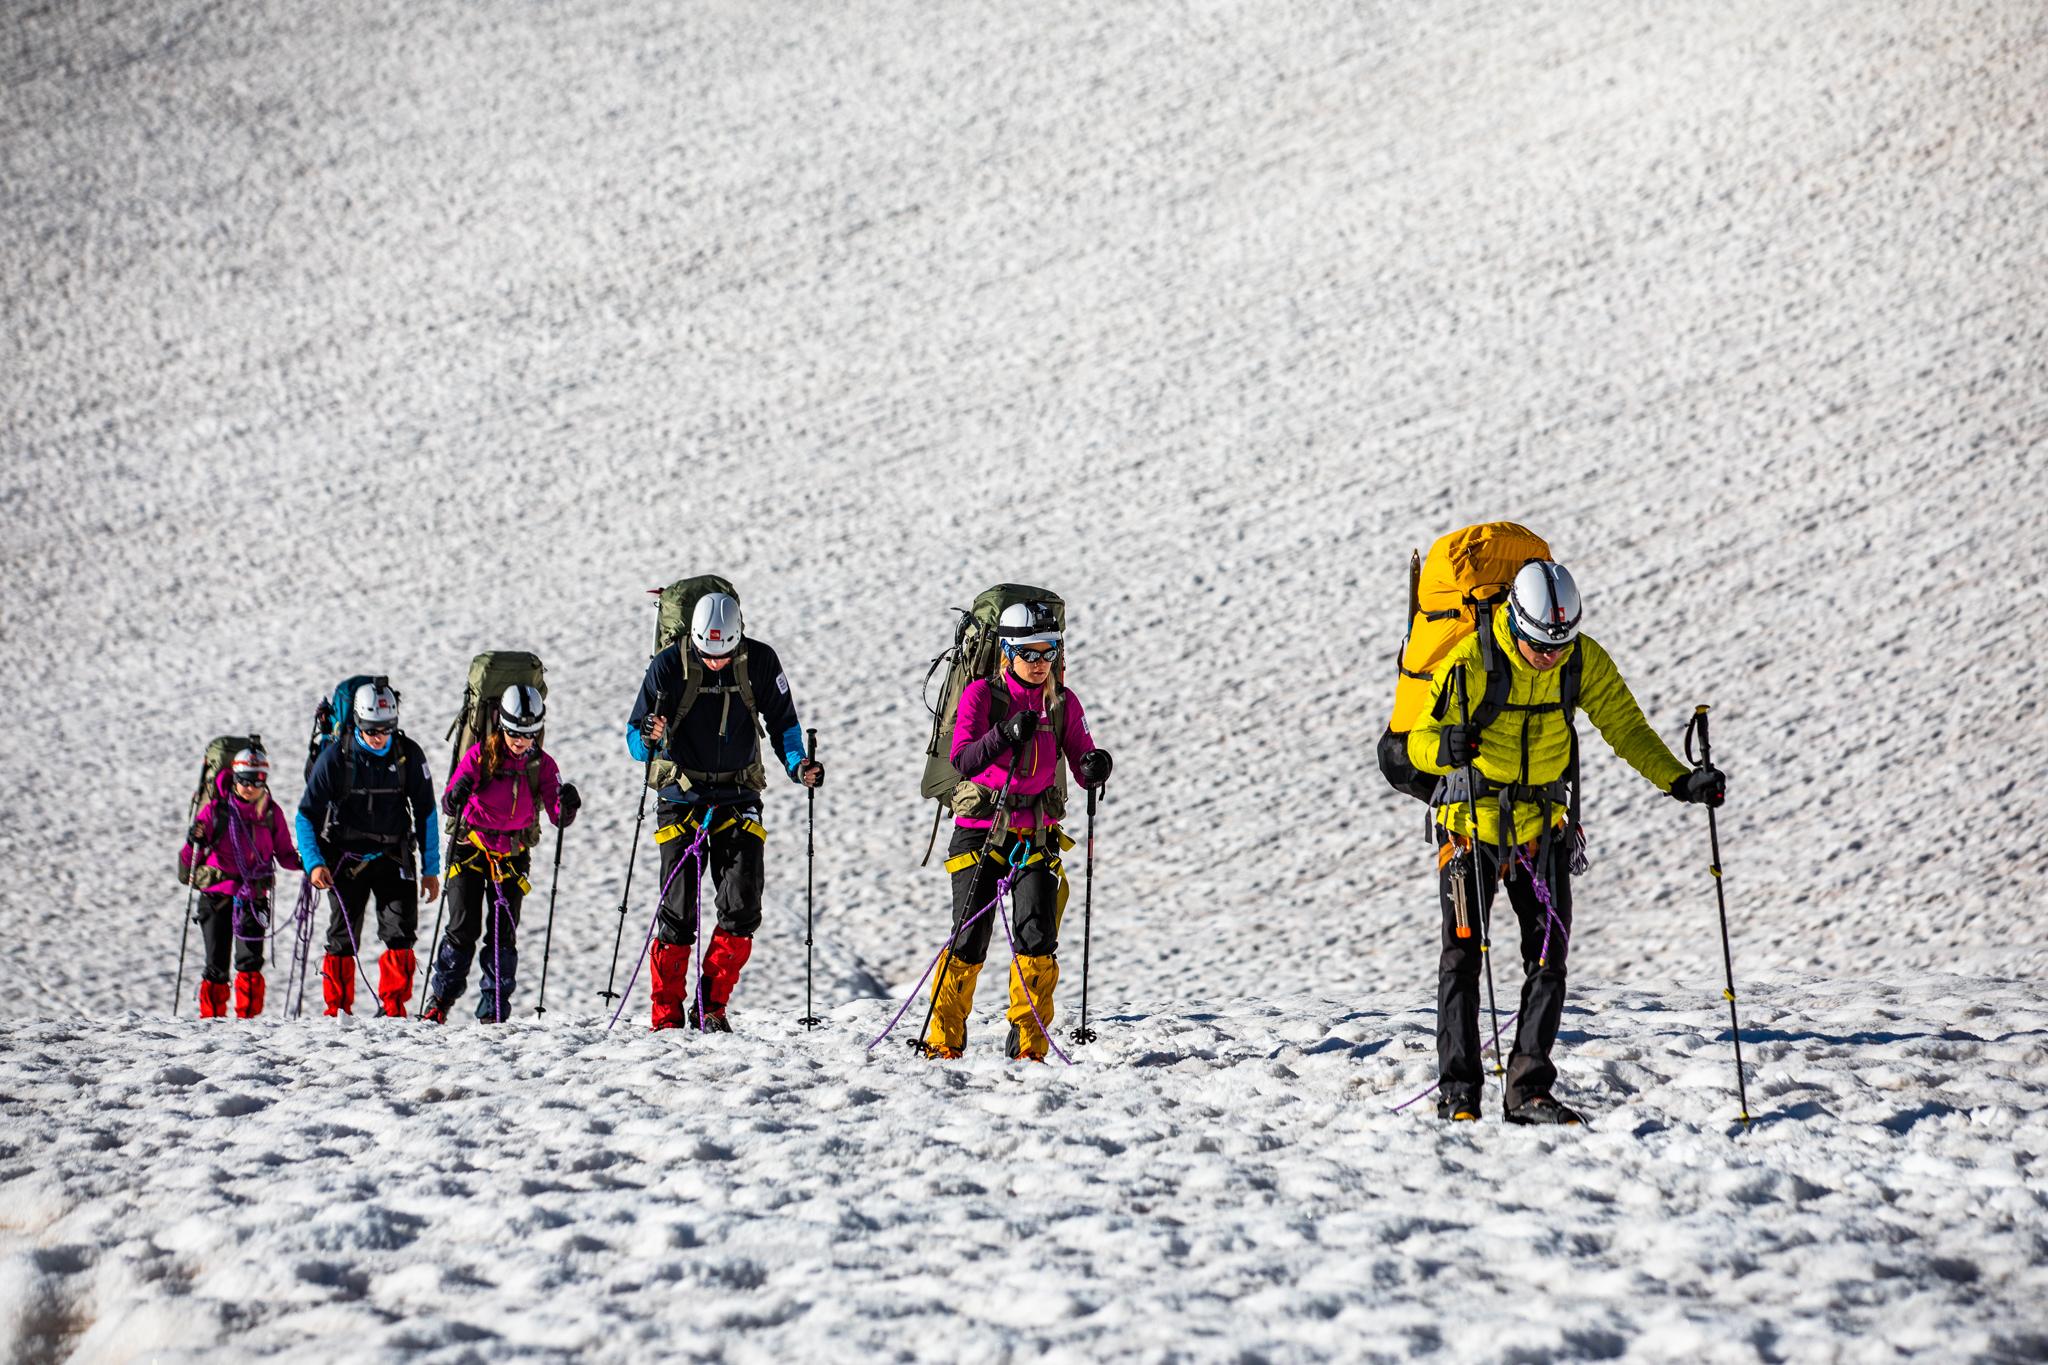 Kui matkamisest saab alpinism ehk mängu tulevad liustikud ja köied